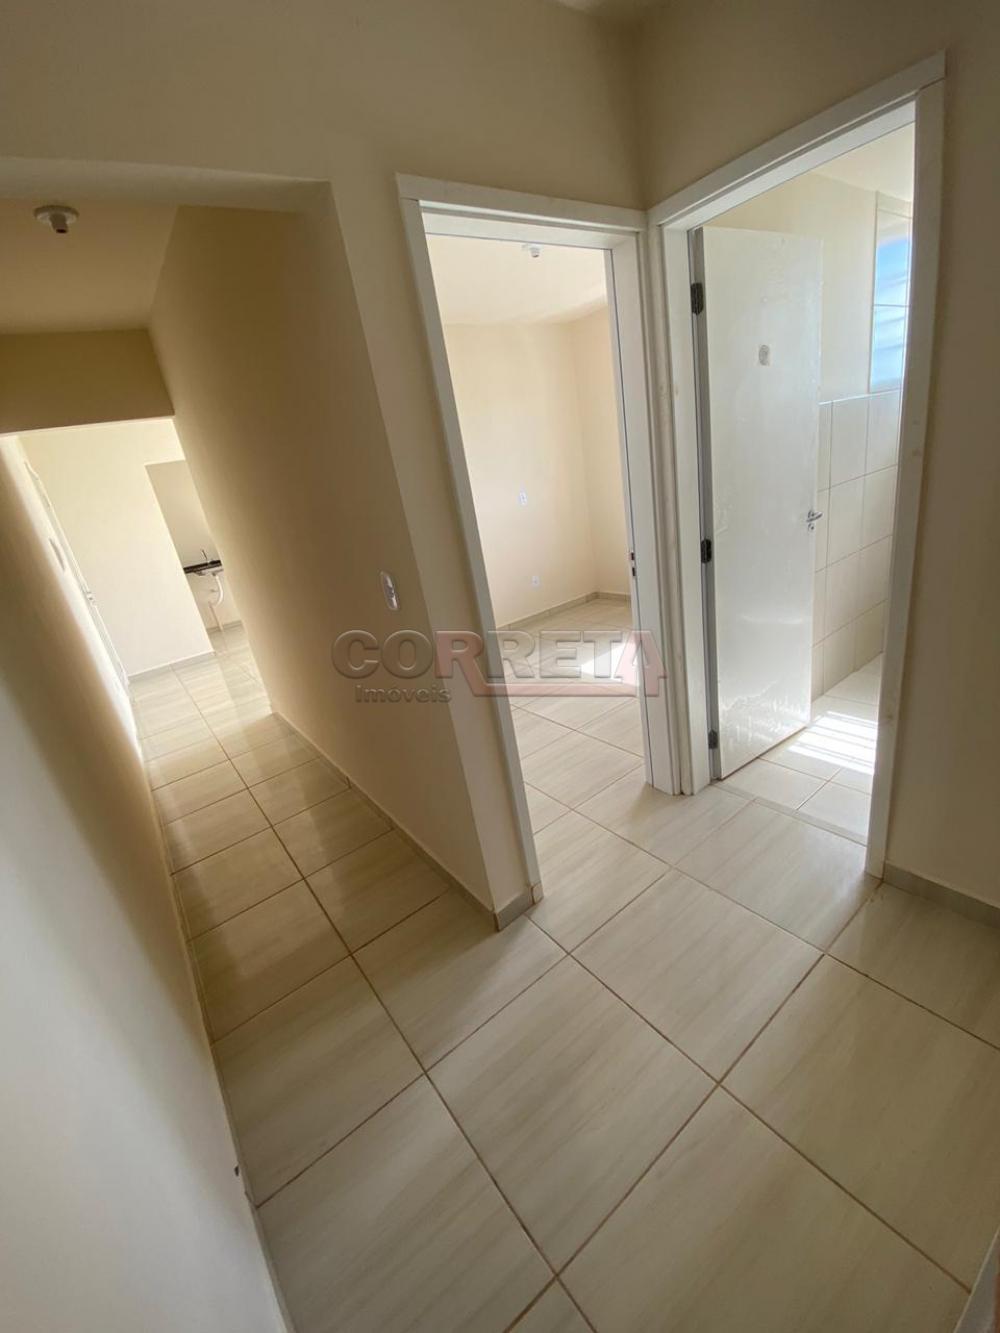 Comprar Apartamento / Padrão em Araçatuba apenas R$ 138.000,00 - Foto 7